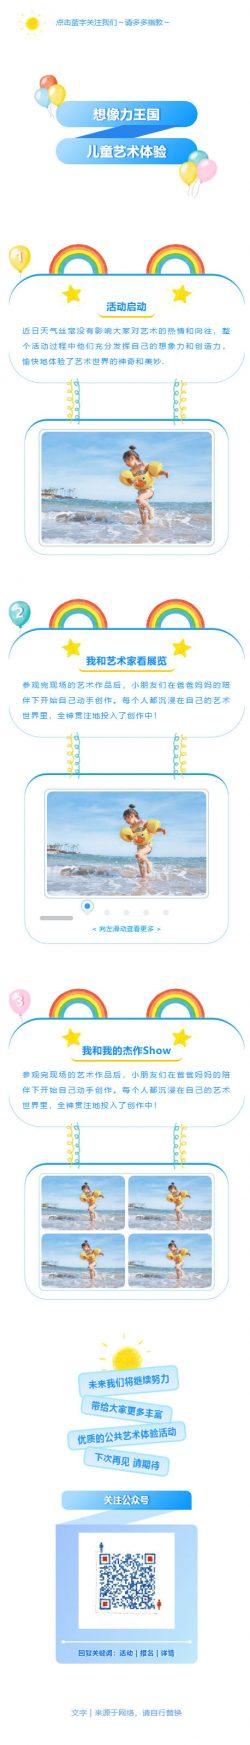 多彩卡通可爱艺术风格蓝色夏季微信推文模板